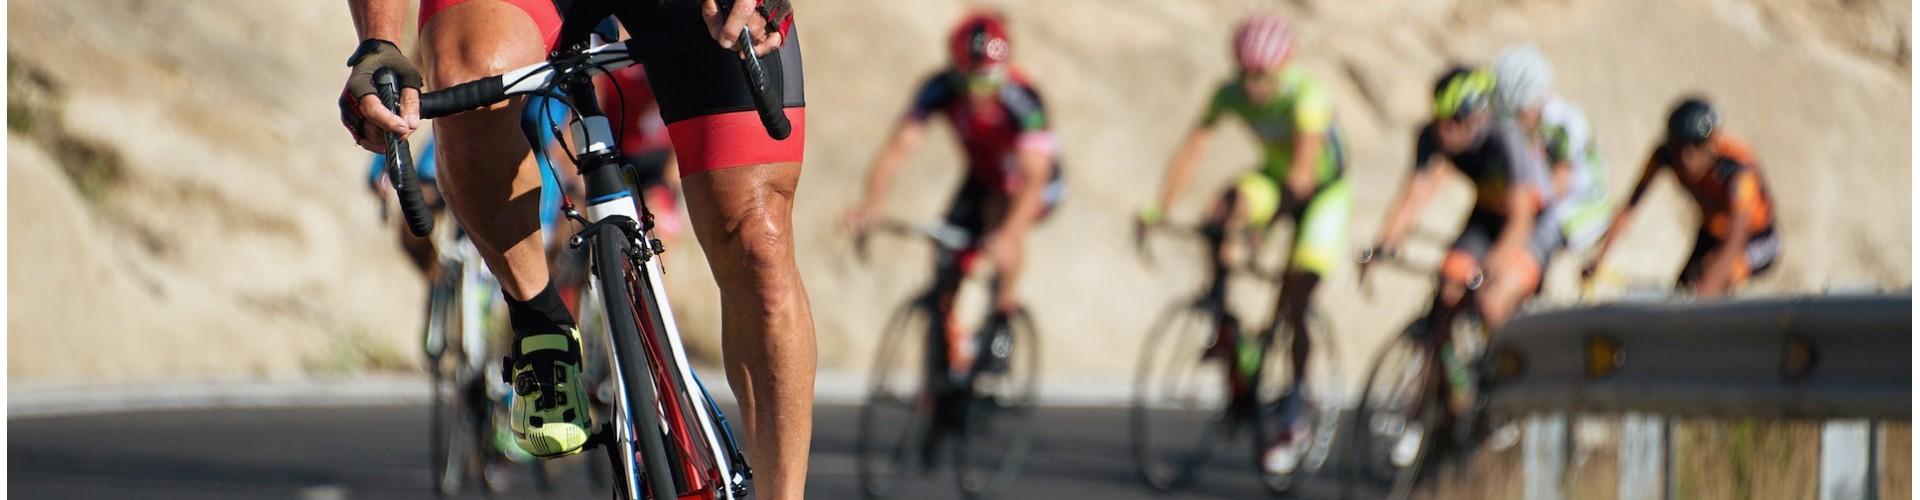 Road & Racing Bikes